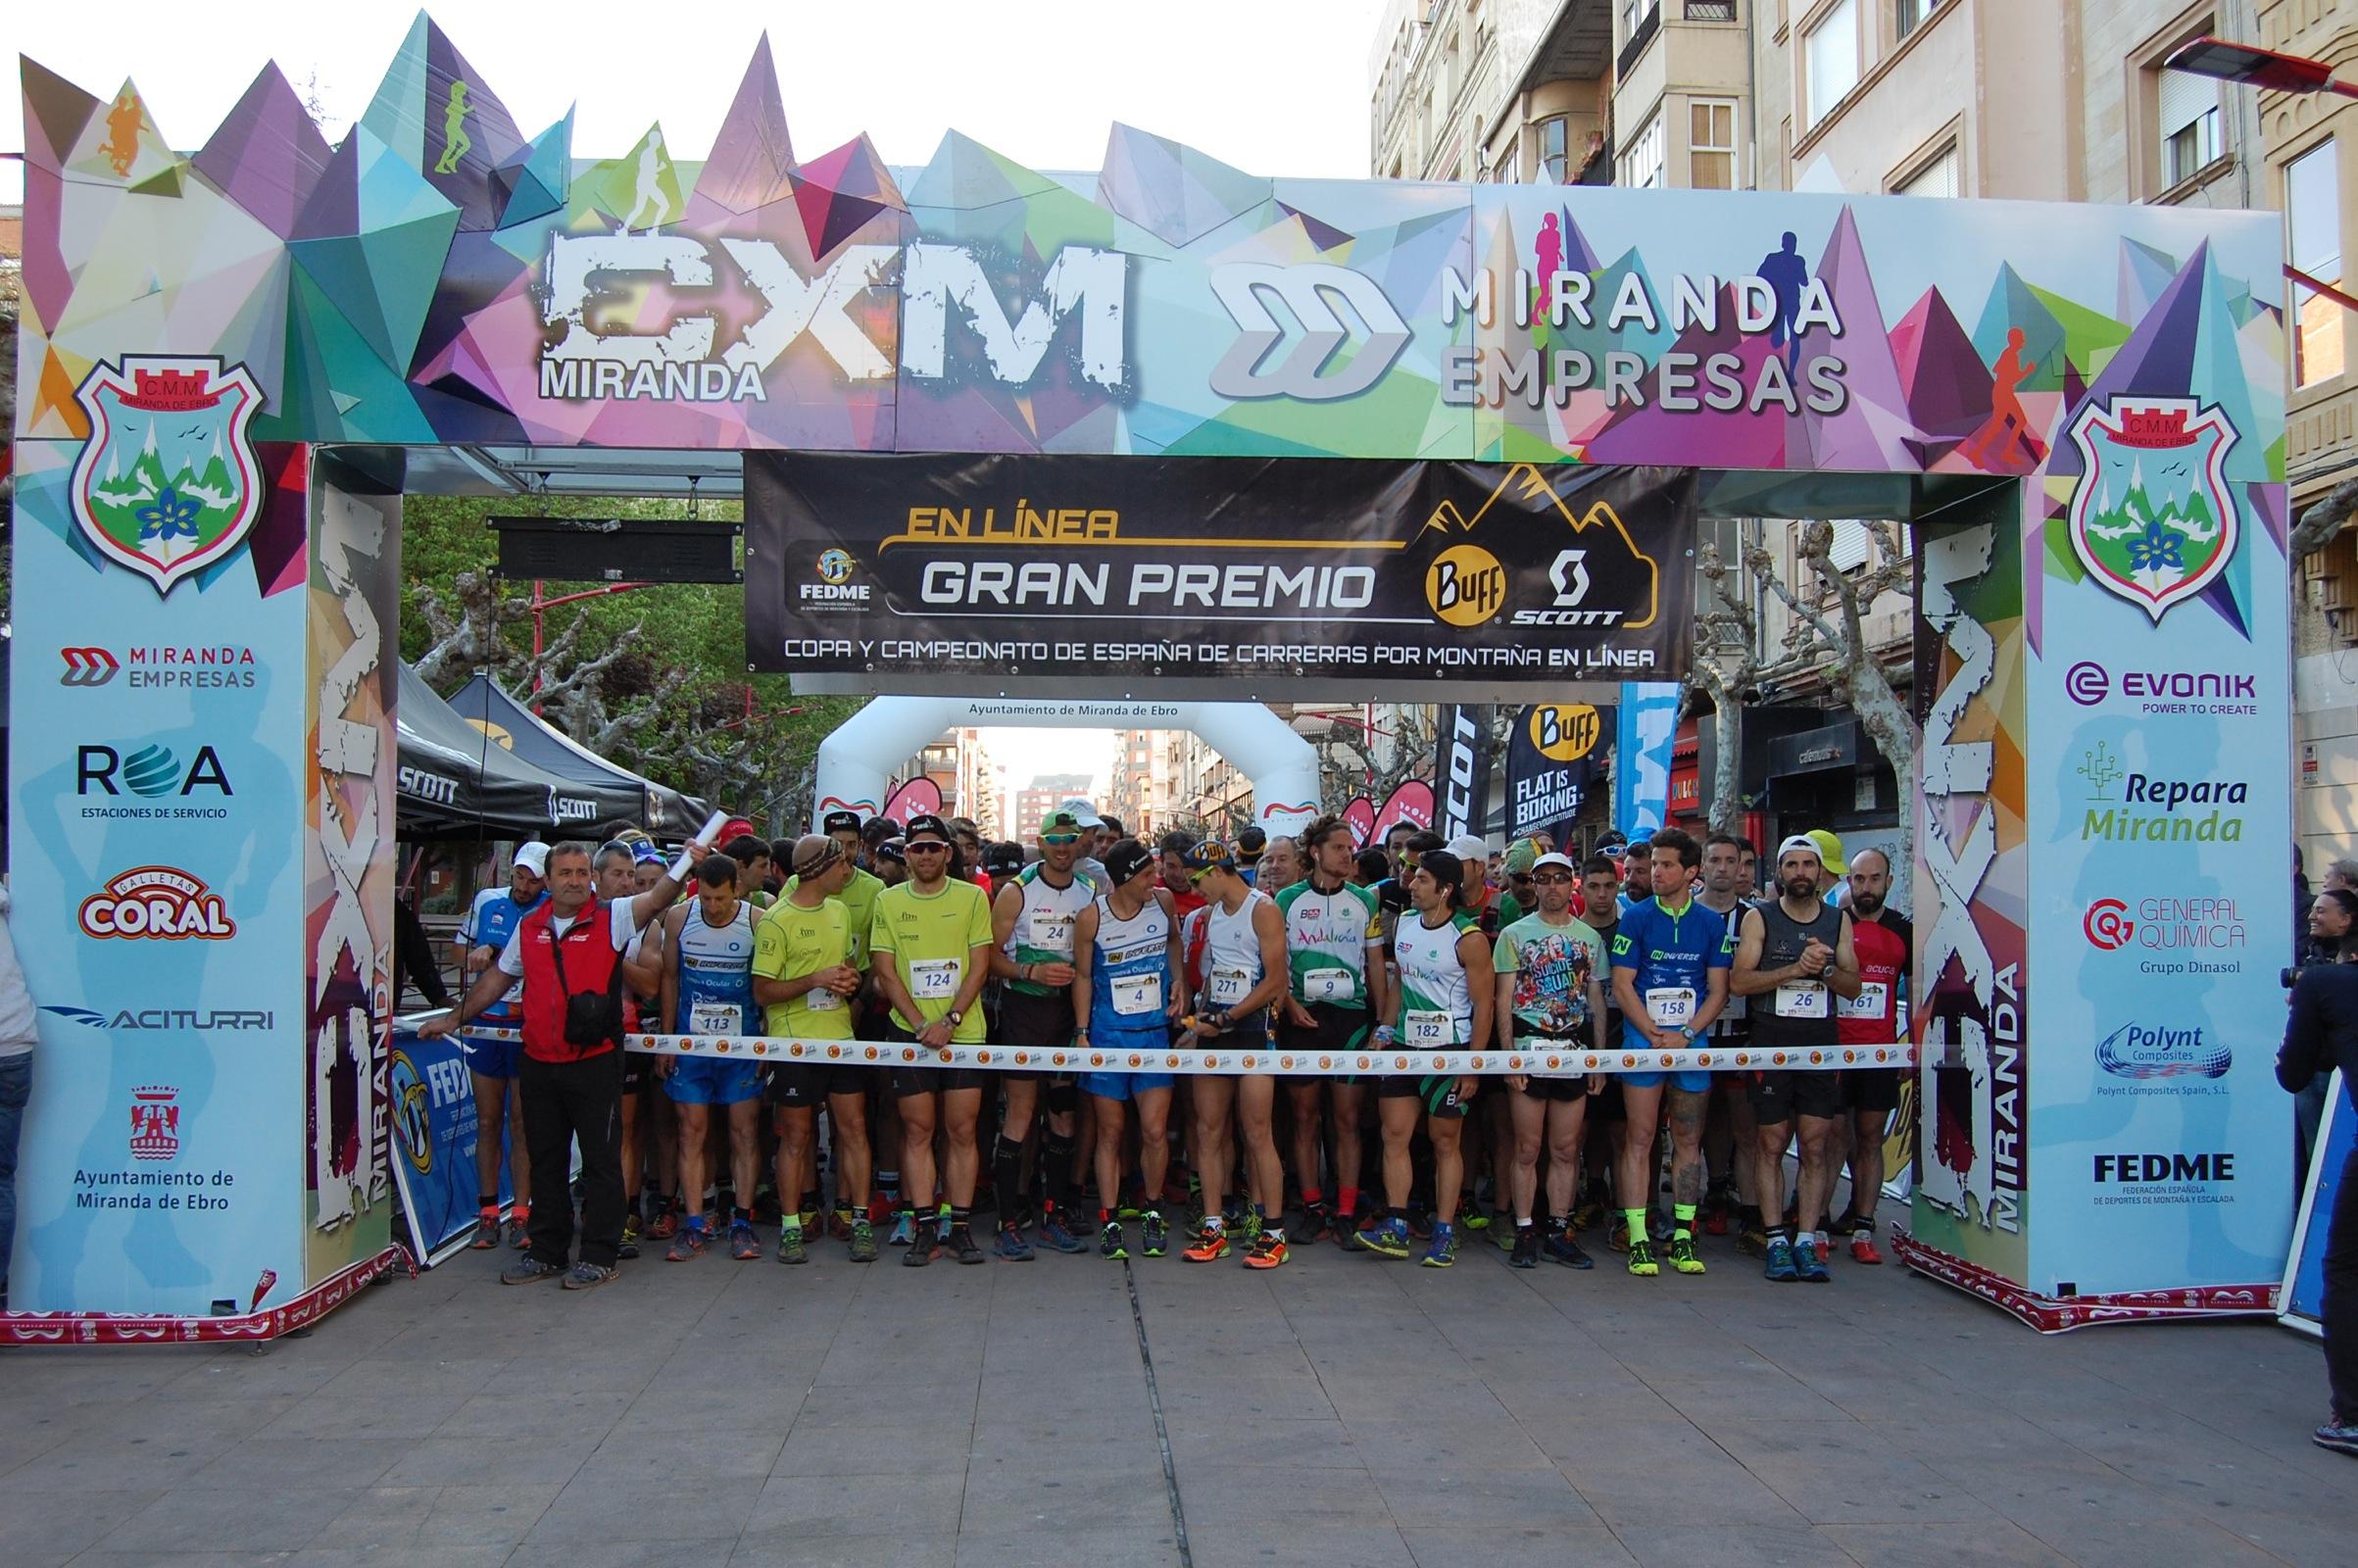 Mario Olmedo y Eva Bernat vencen en la CXM Miranda de Ebro de la Copa de España de Carreras por Montaña en Línea FEDME - Gran Premio BUFF® SCOTT